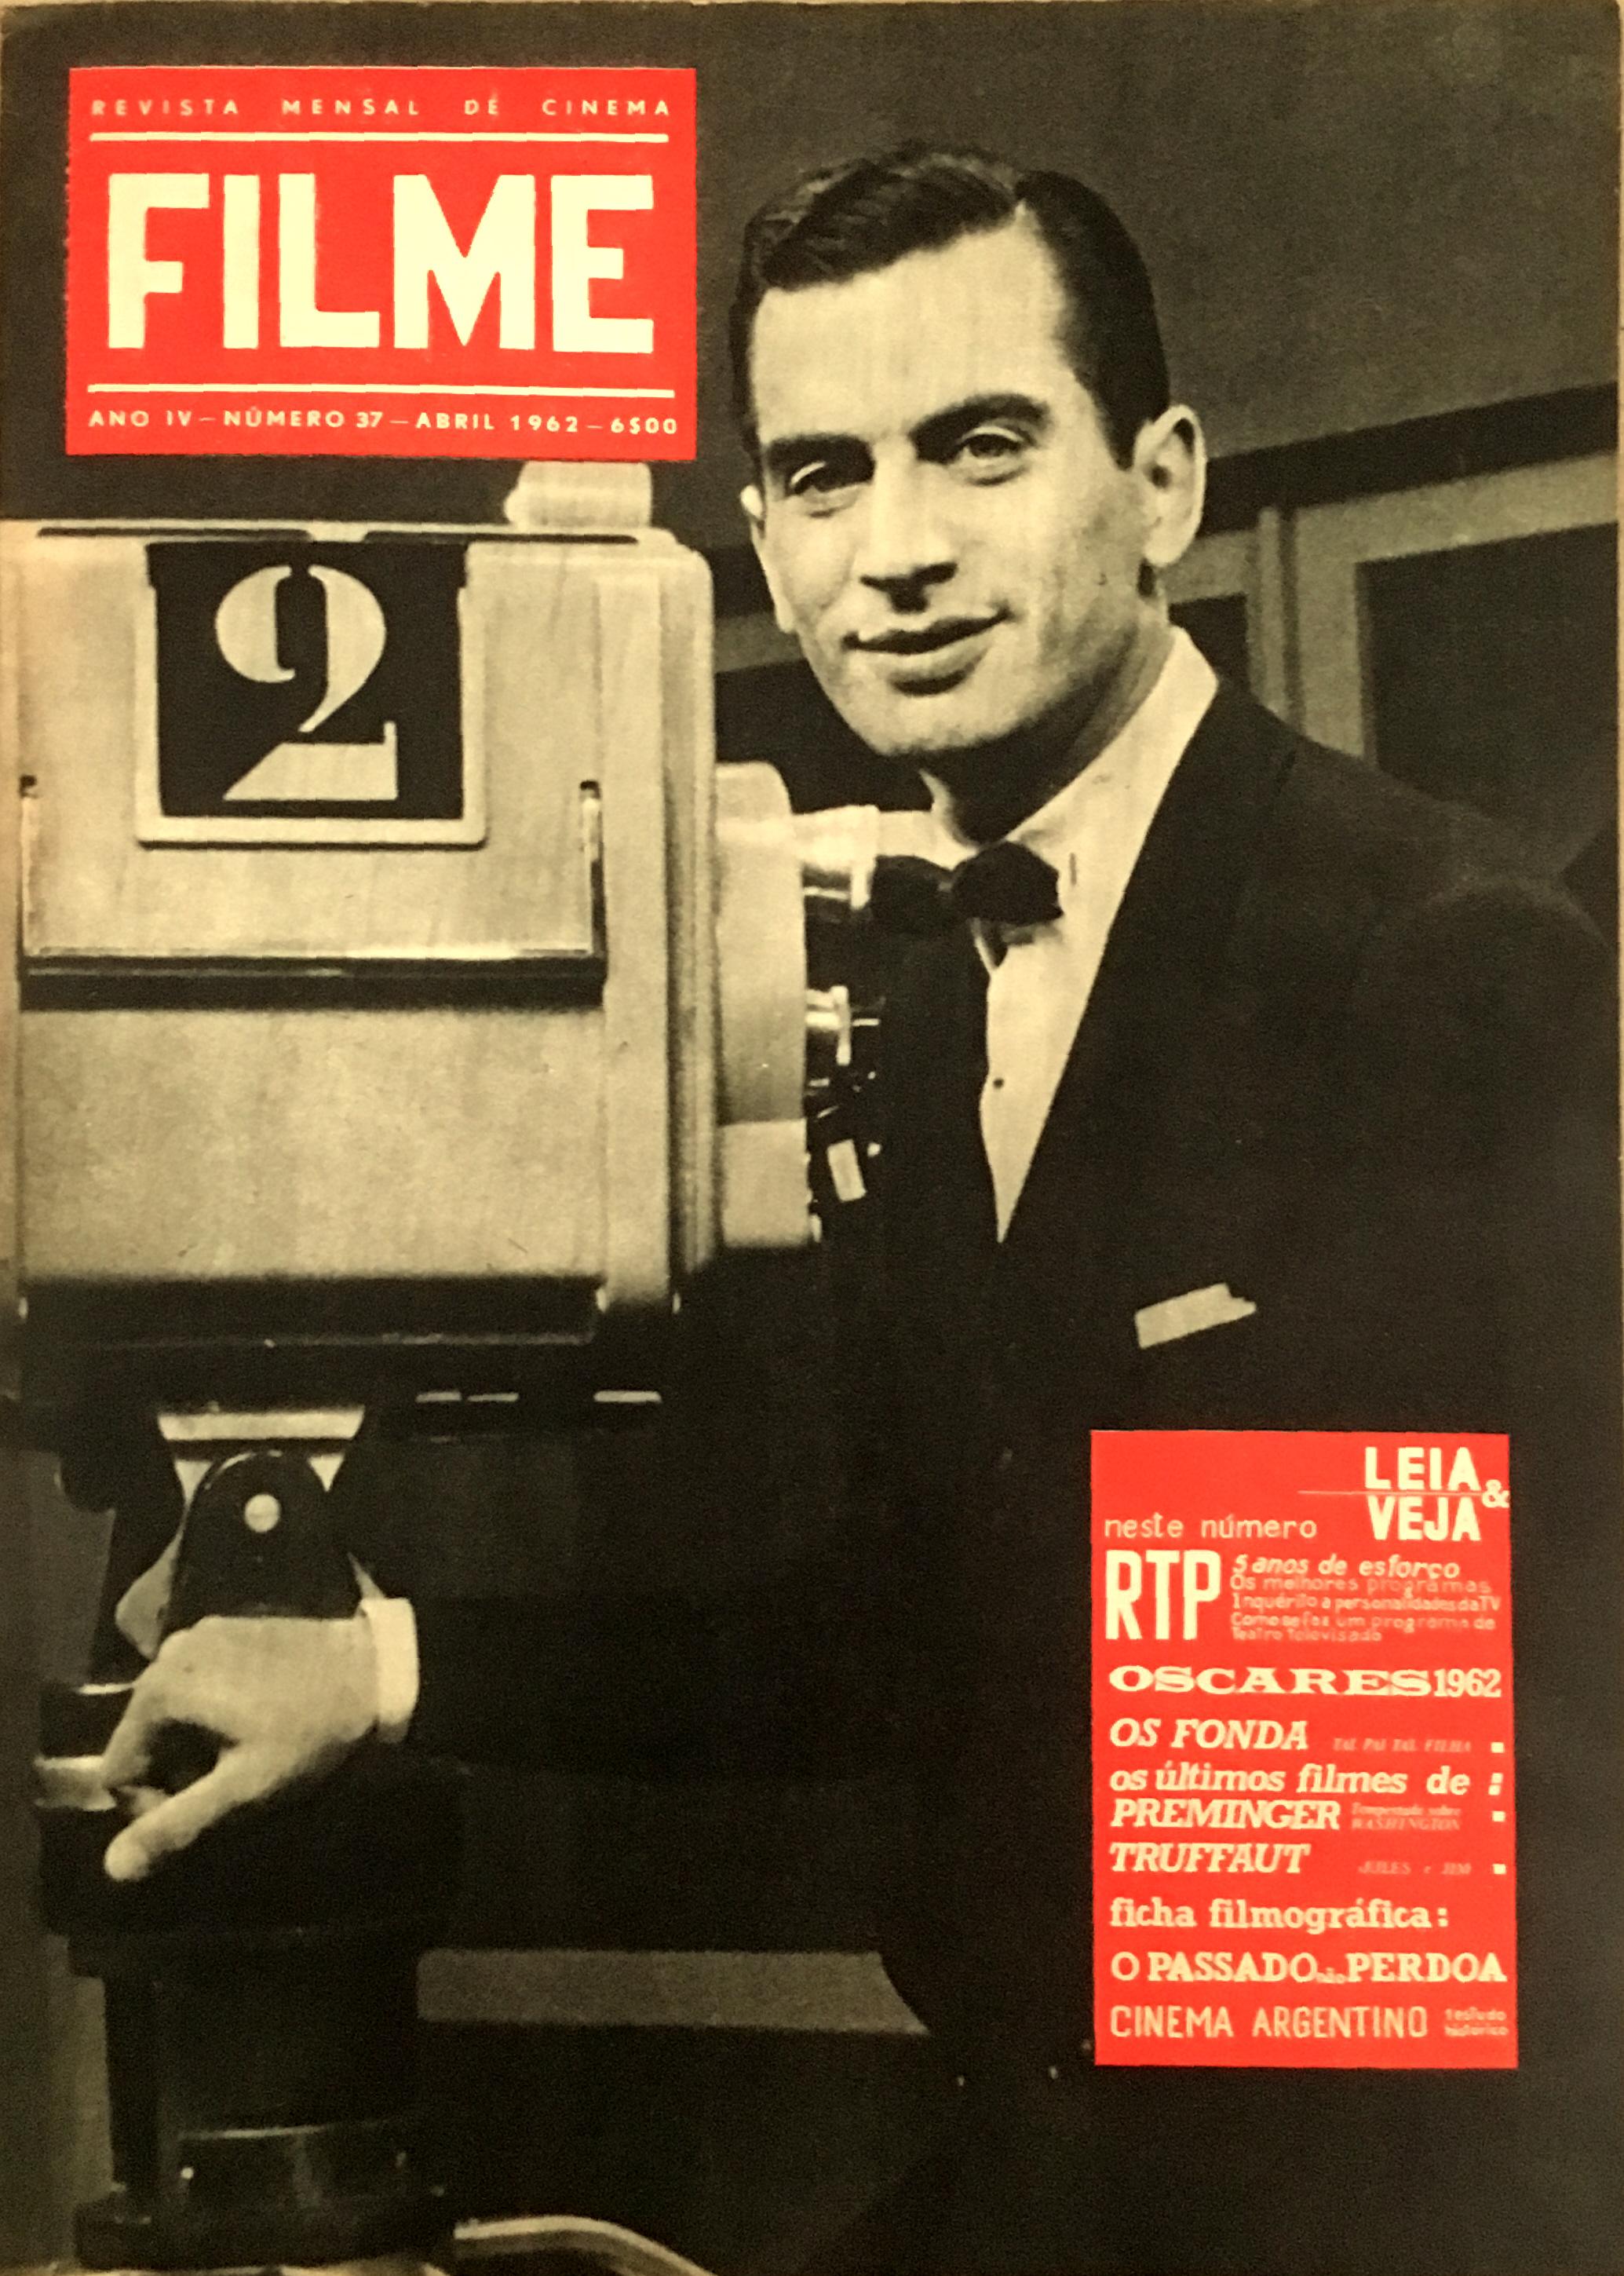 4a85c46d65 FILME 37 – EPHEMERA – Biblioteca e arquivo de José Pacheco Pereira